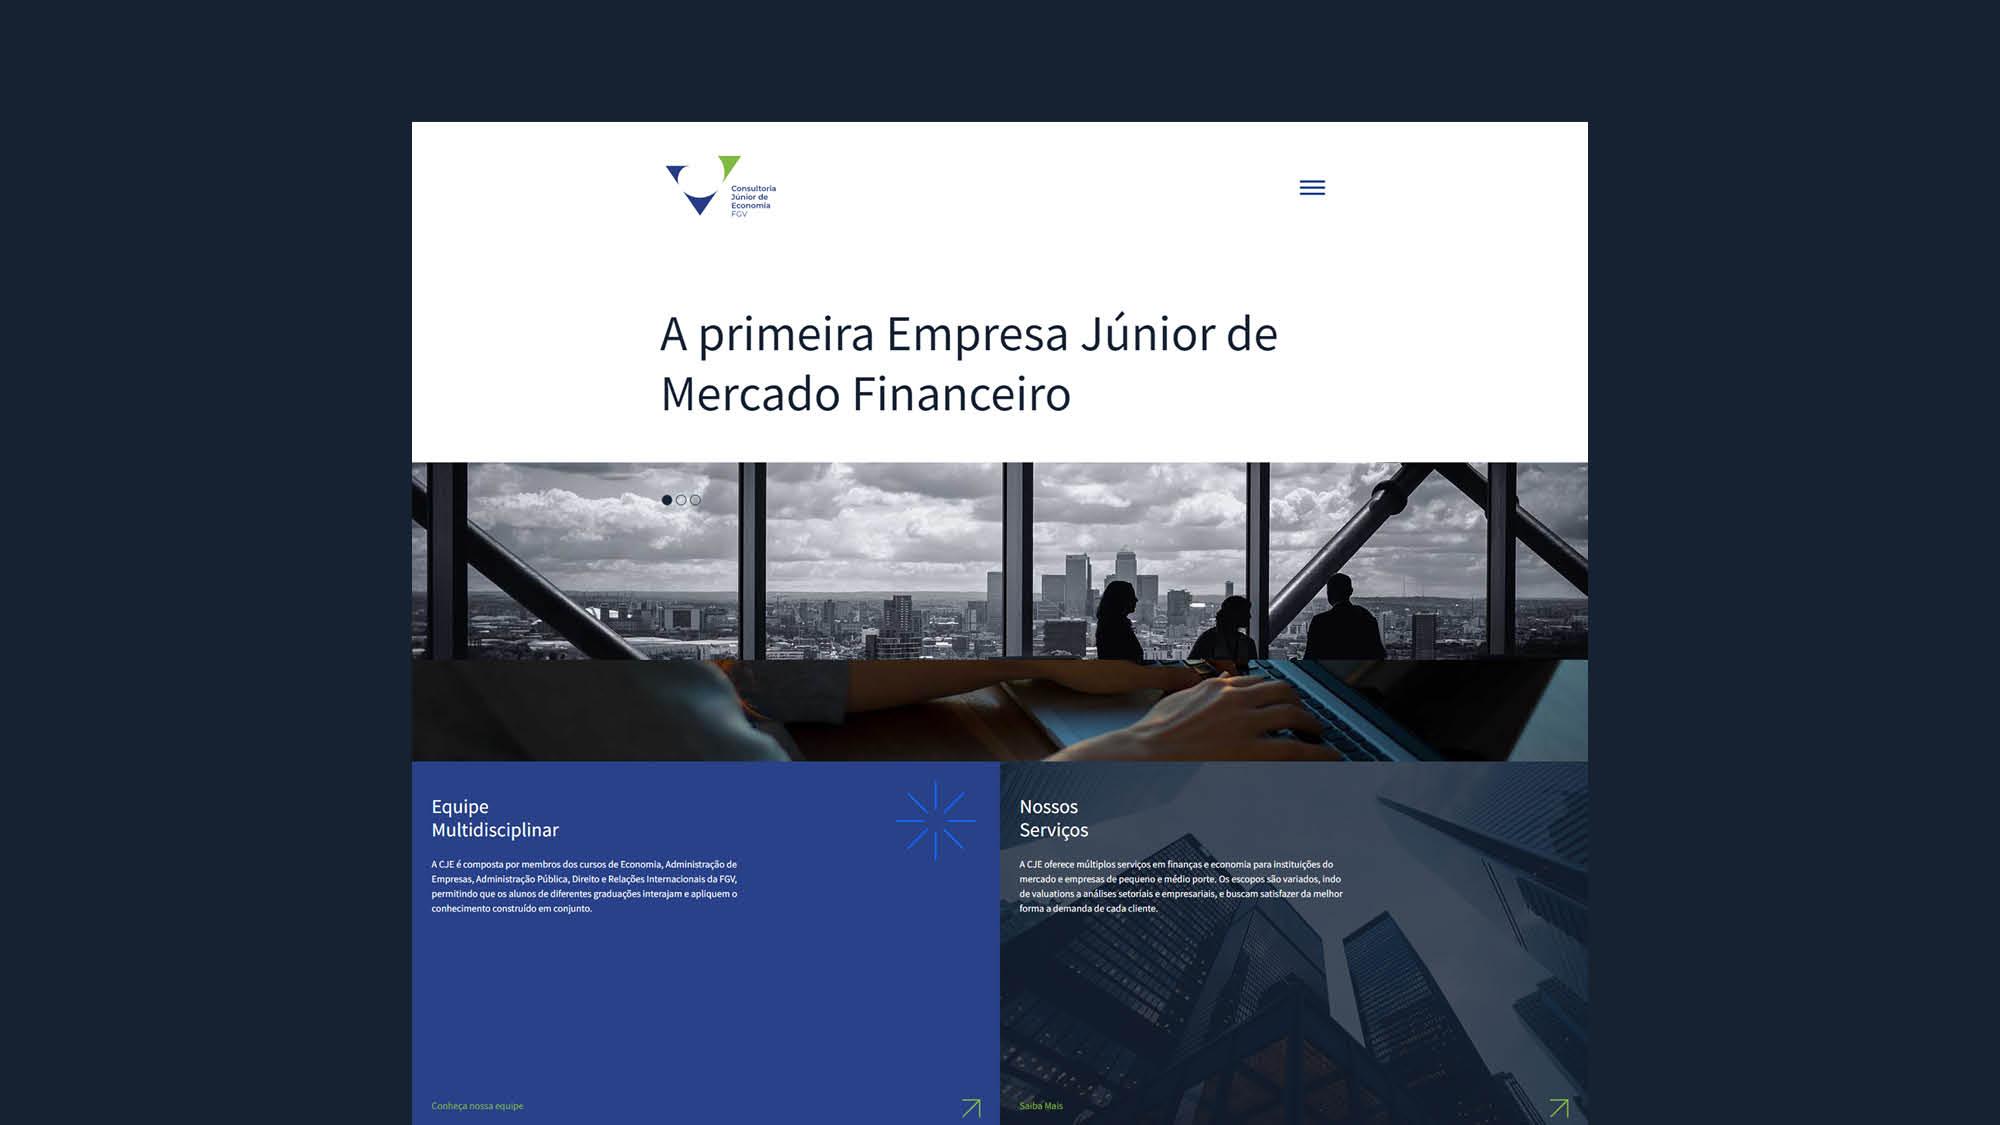 A primeira Empresa Júnior de Mercado Financeiro